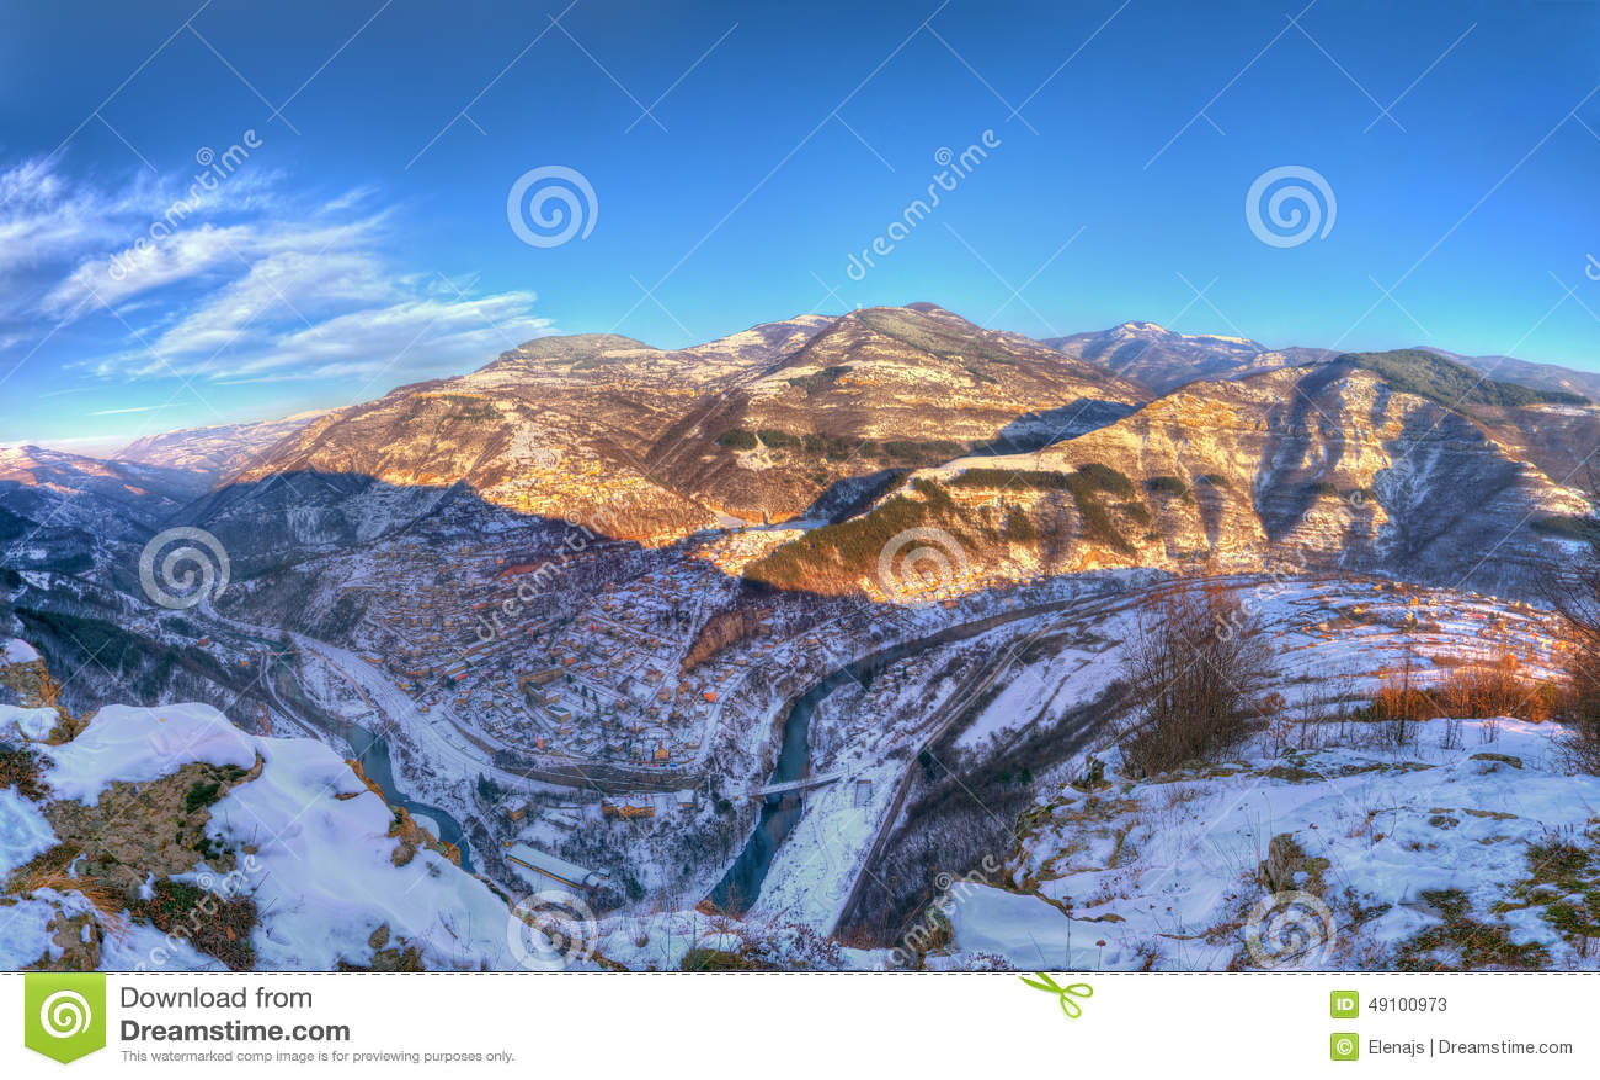 Desfiladeiro de Iskar e Bov, Bulgária